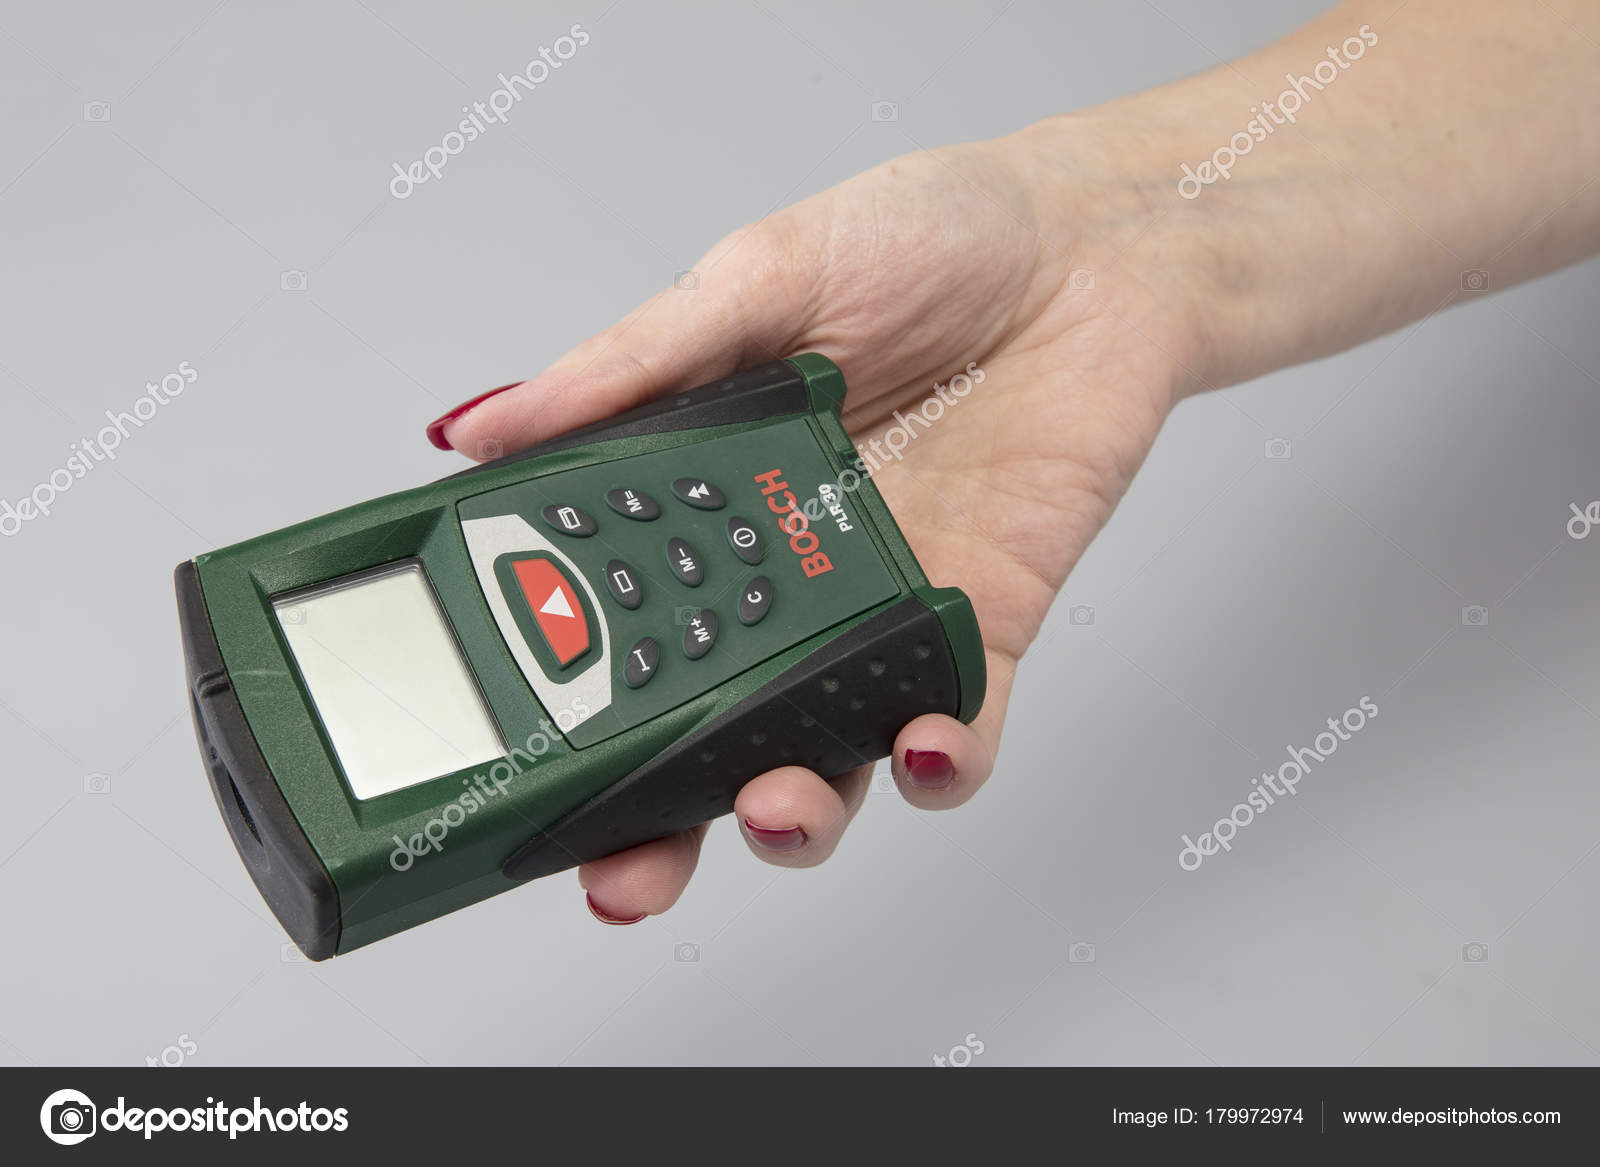 Welchen Bosch Entfernungsmesser : Laser entfernungsmesser der hand einer frau u redaktionelles